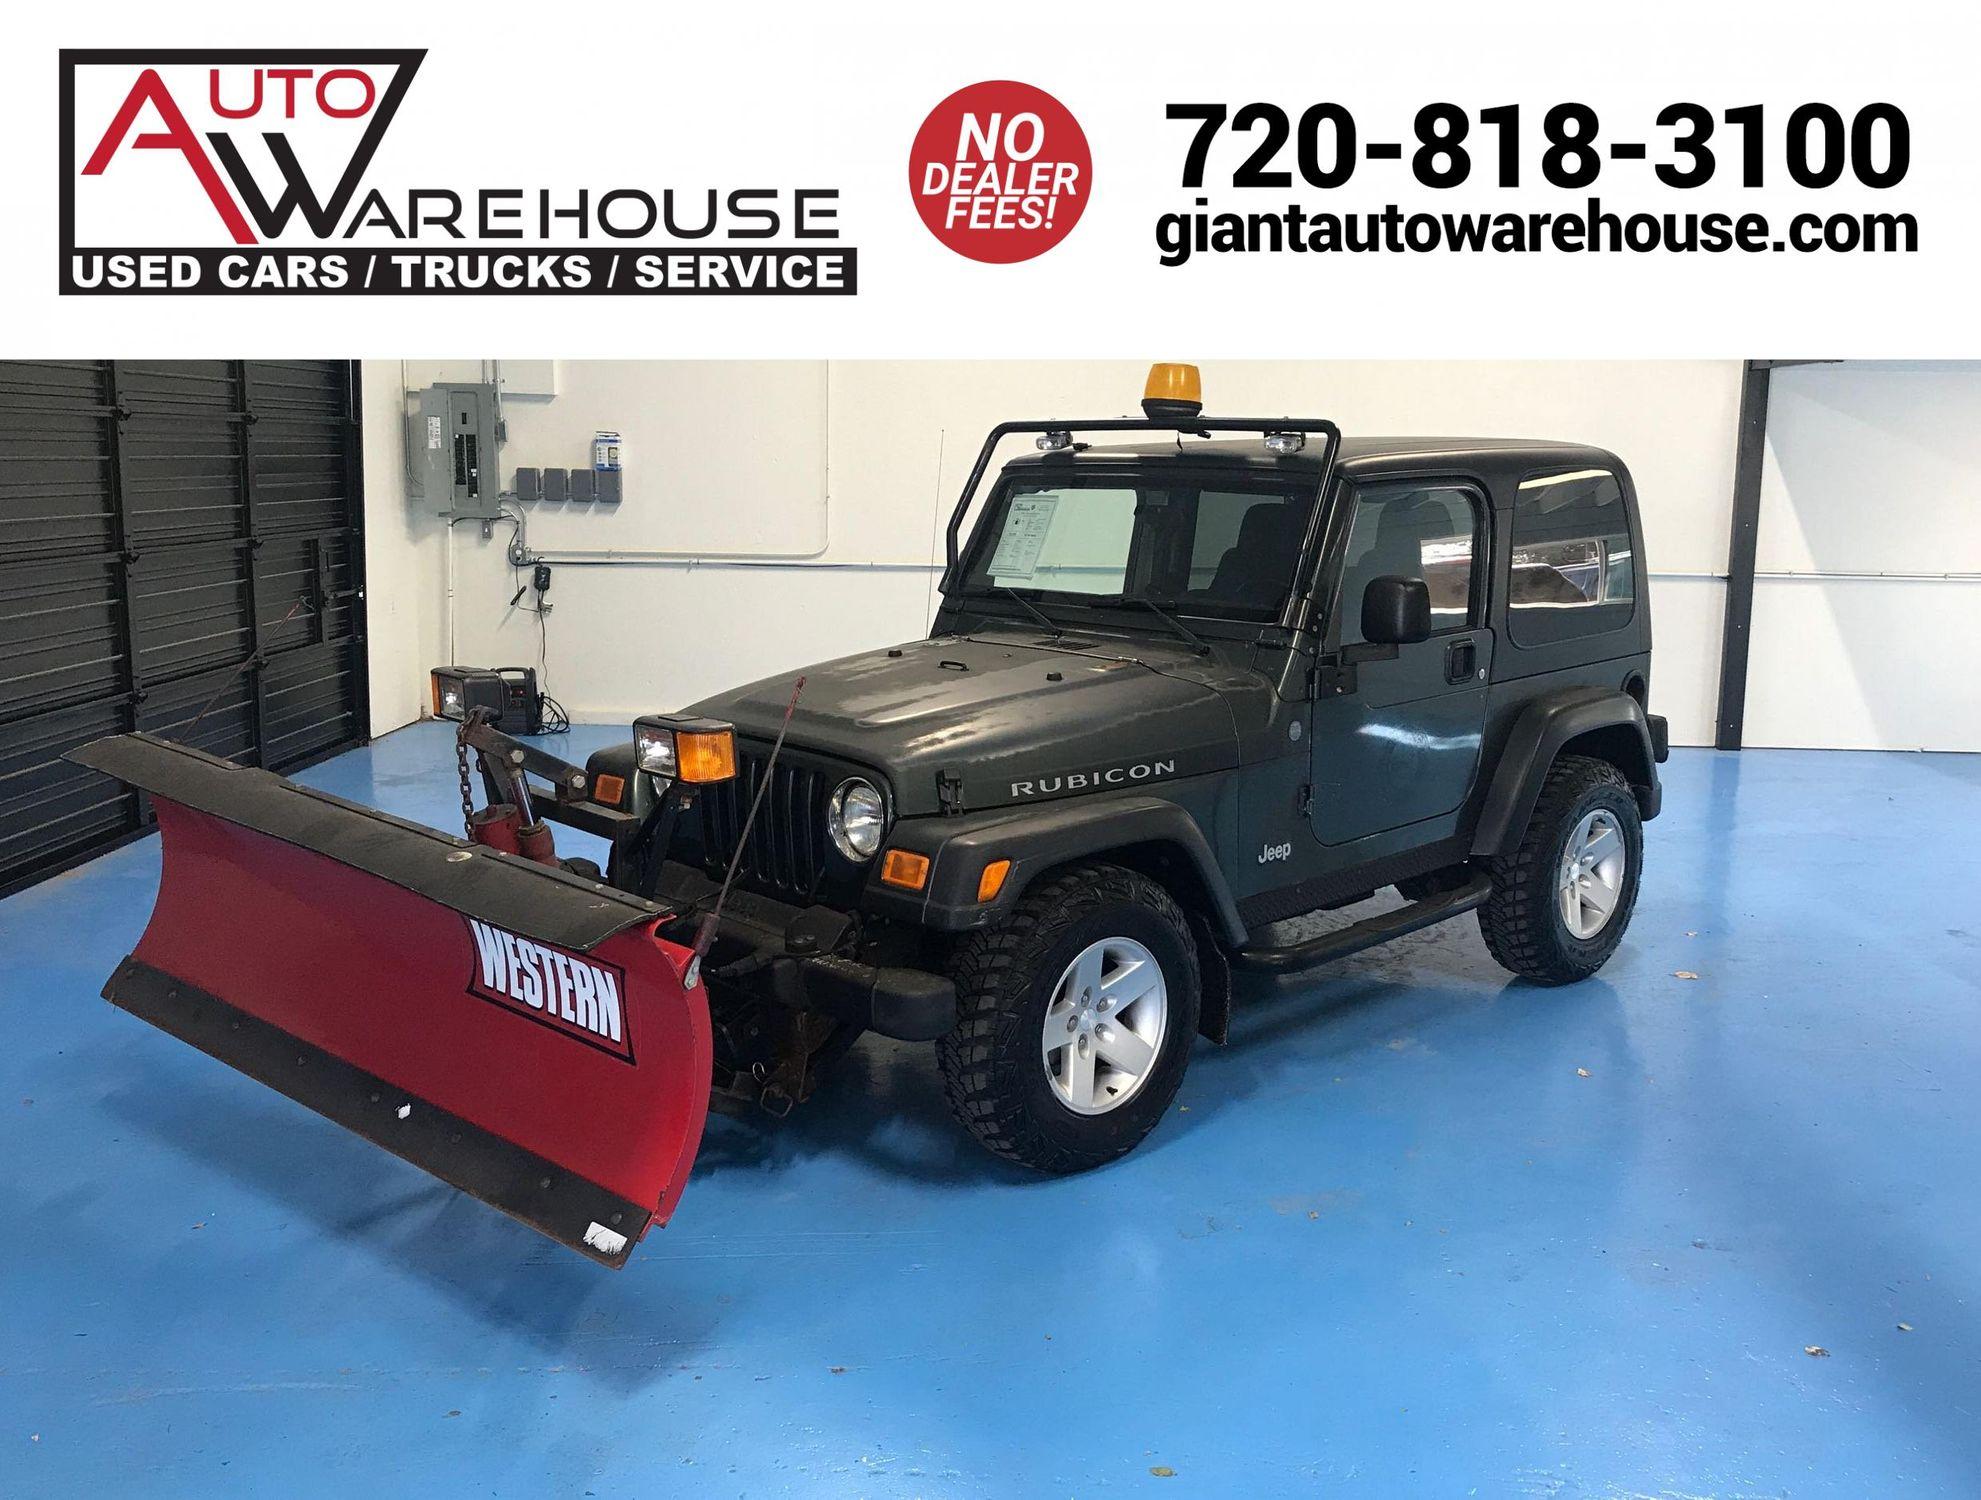 Jeep Snow Plow >> 2004 Jeep Wrangler Rubicon Auto Warehouse